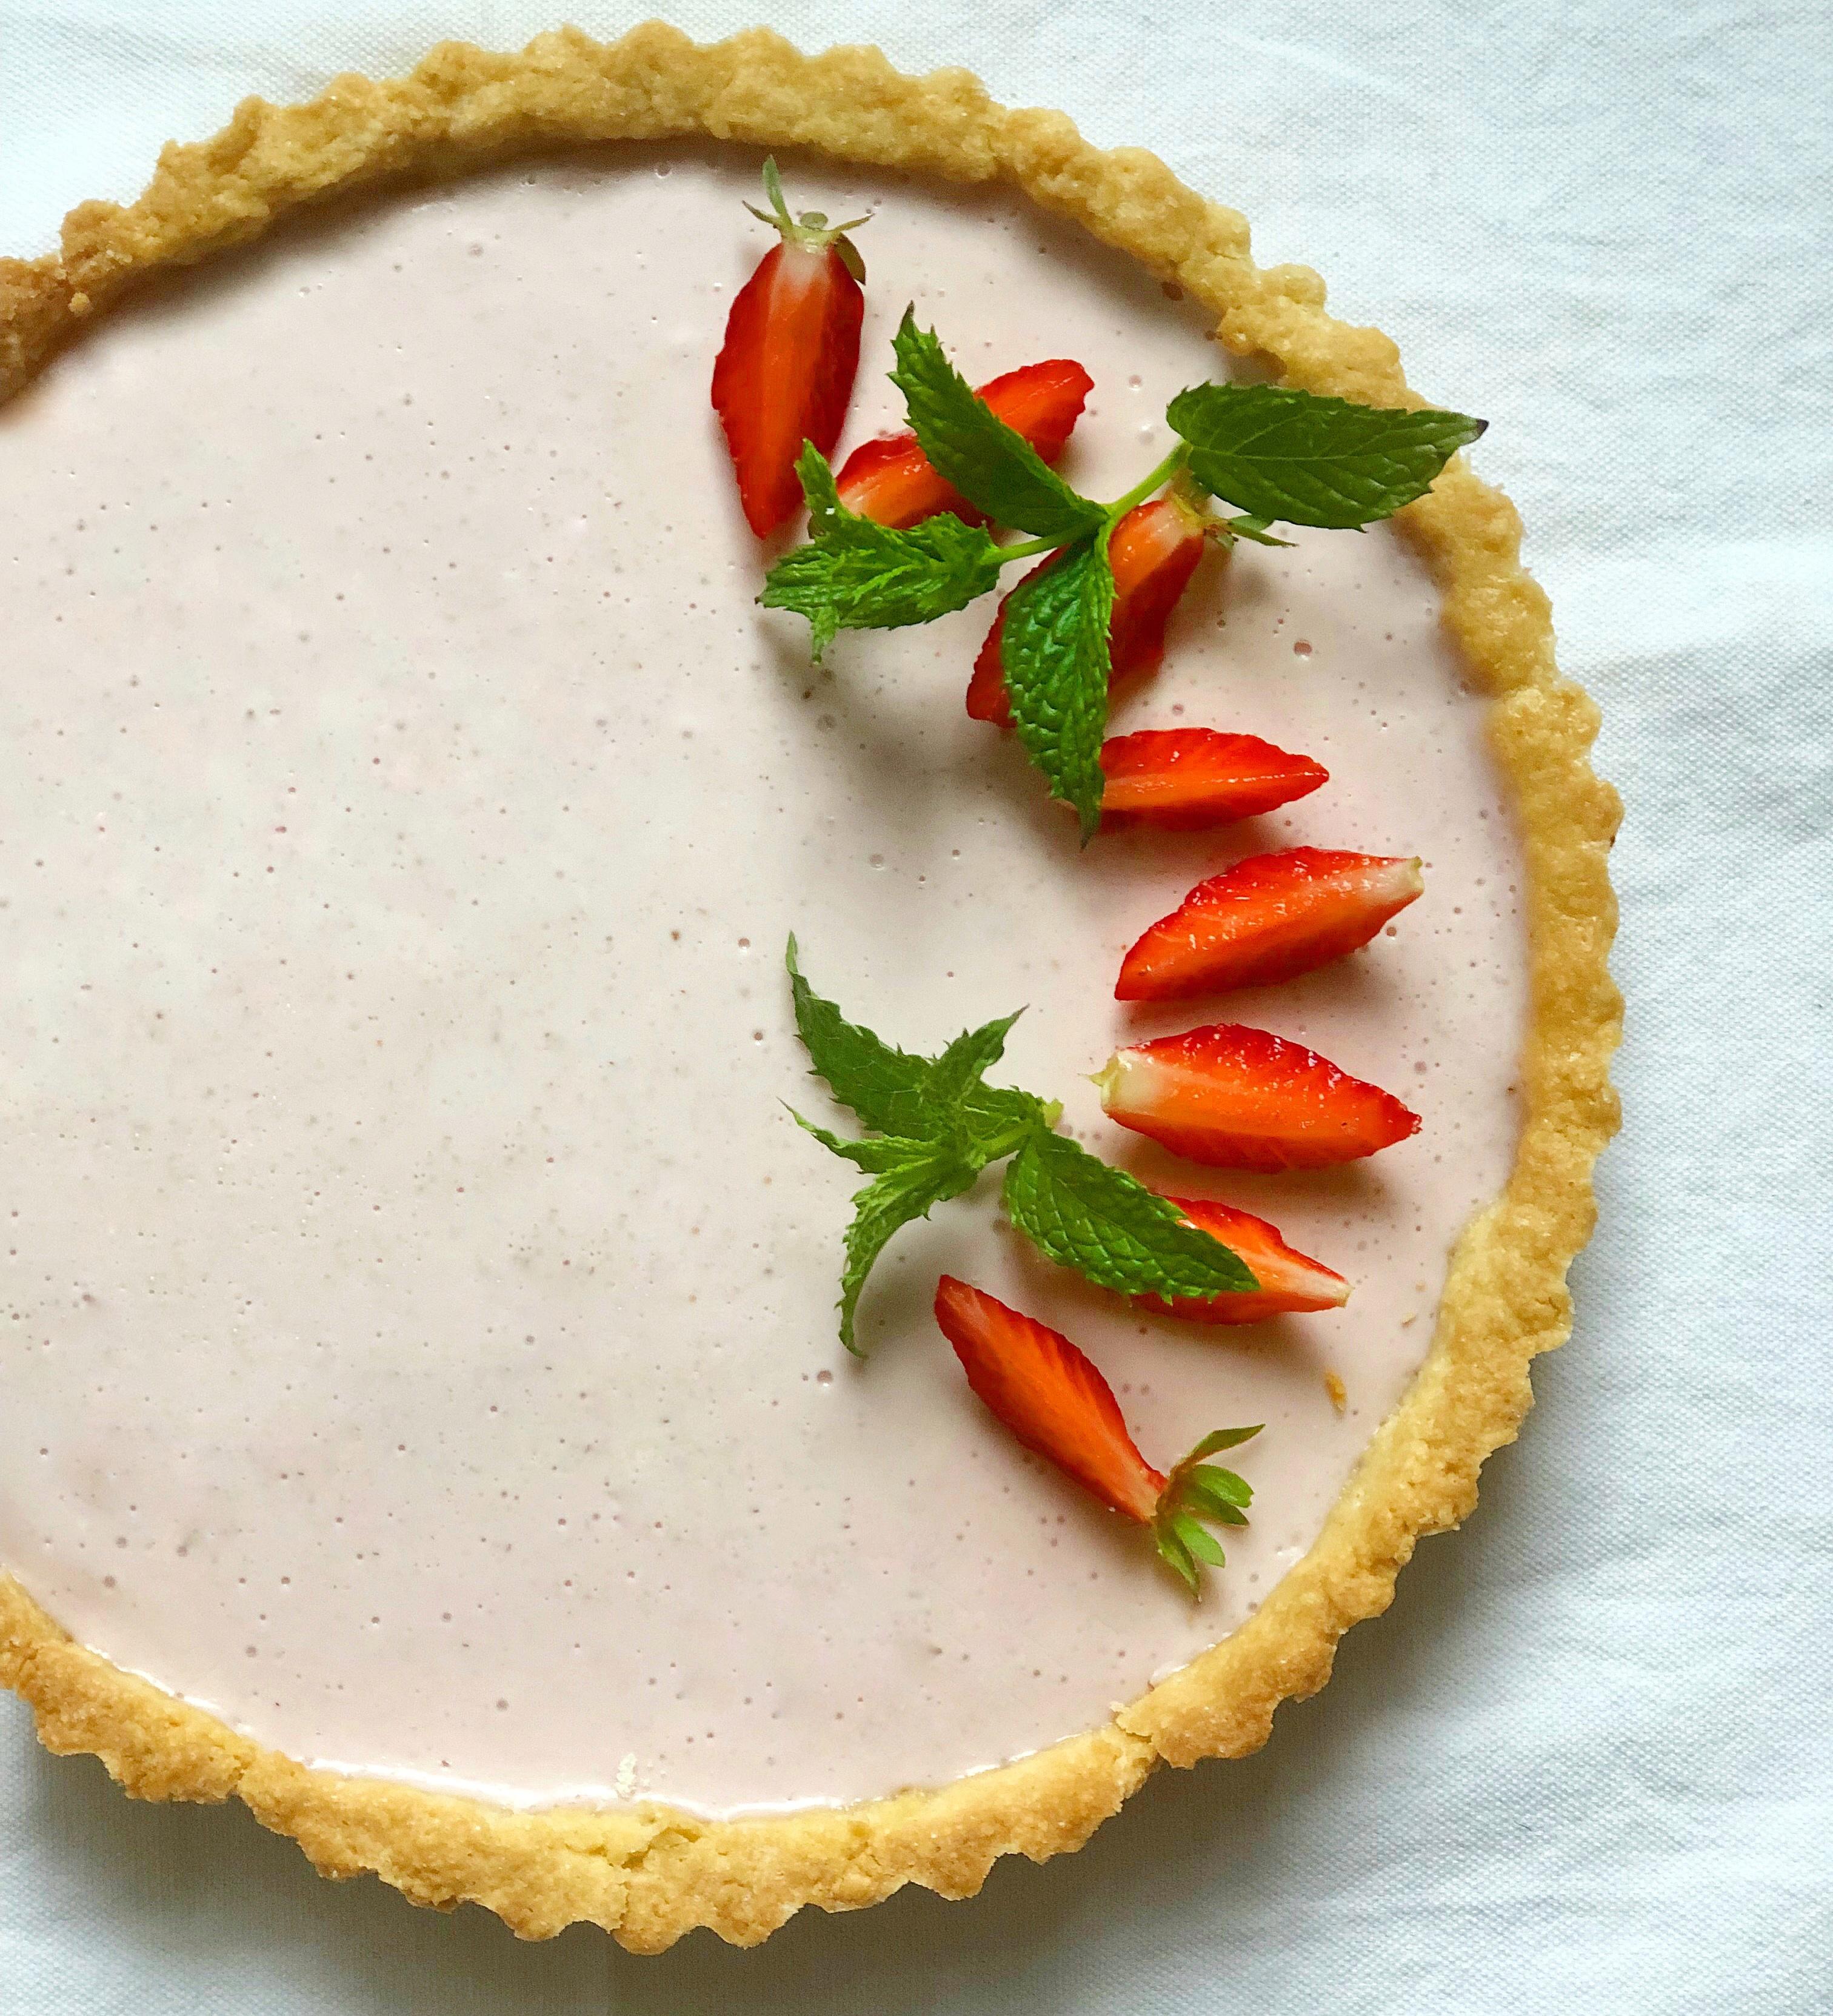 Crostata con Panna Cotta alle Fragole, un dolce irresistibile di dolci senza burro